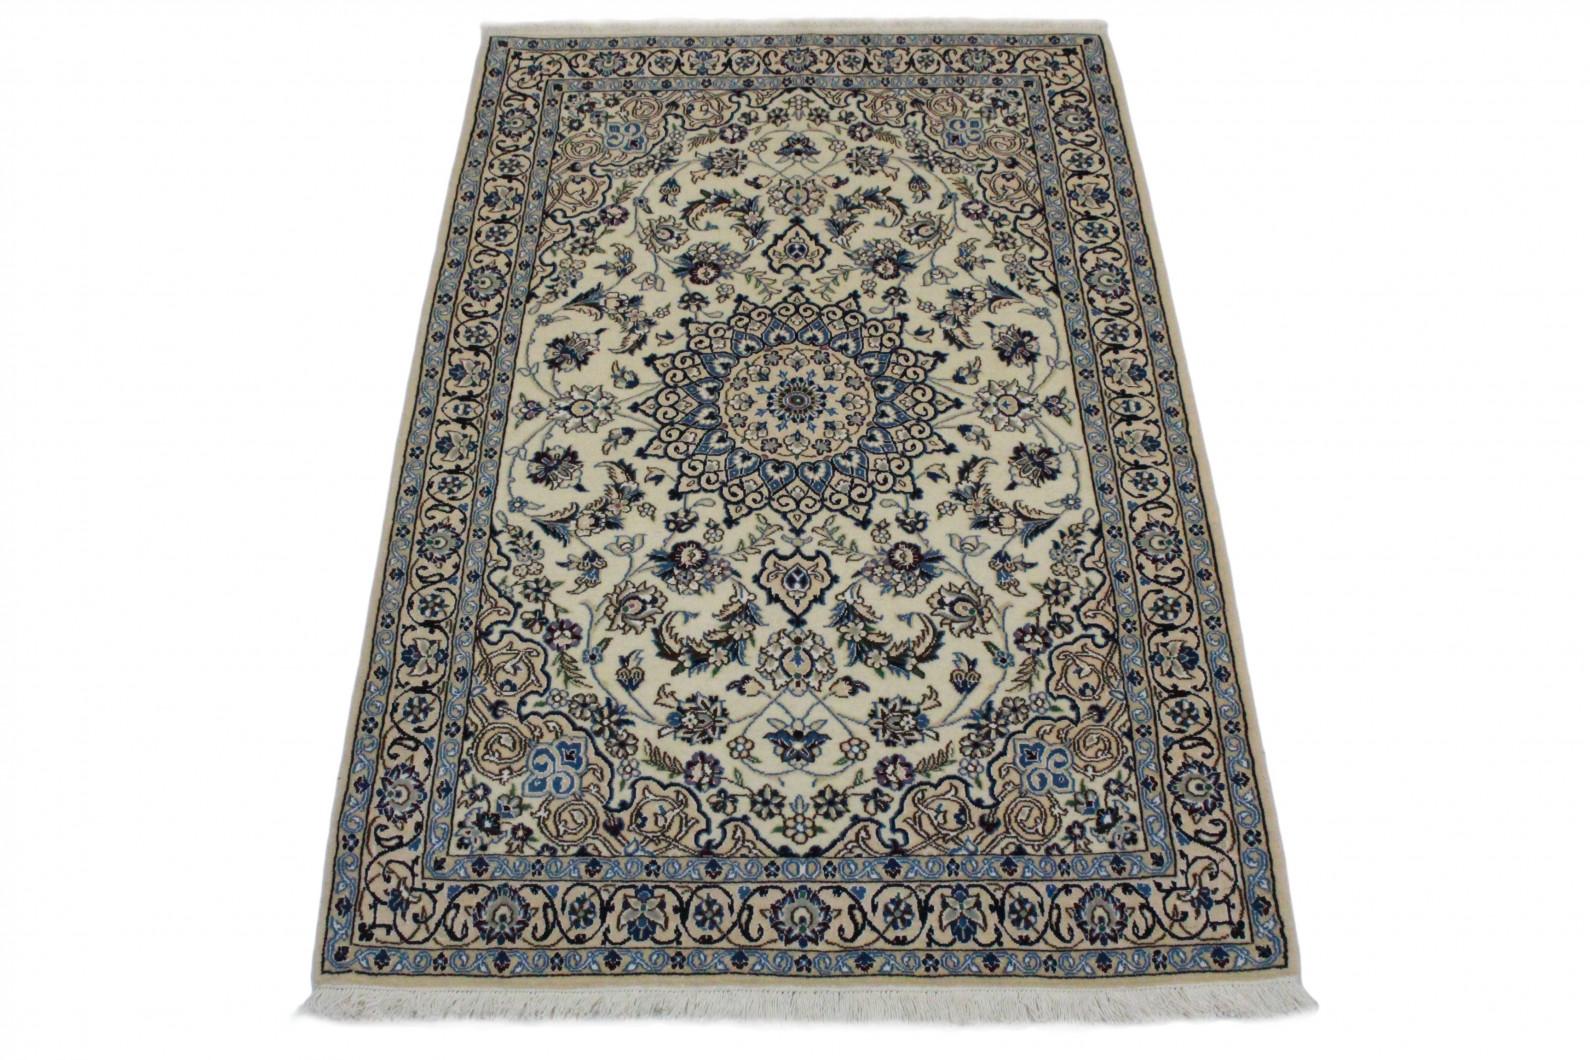 nain teppich beige blau in 180x110 5120 27063 bei kaufen. Black Bedroom Furniture Sets. Home Design Ideas